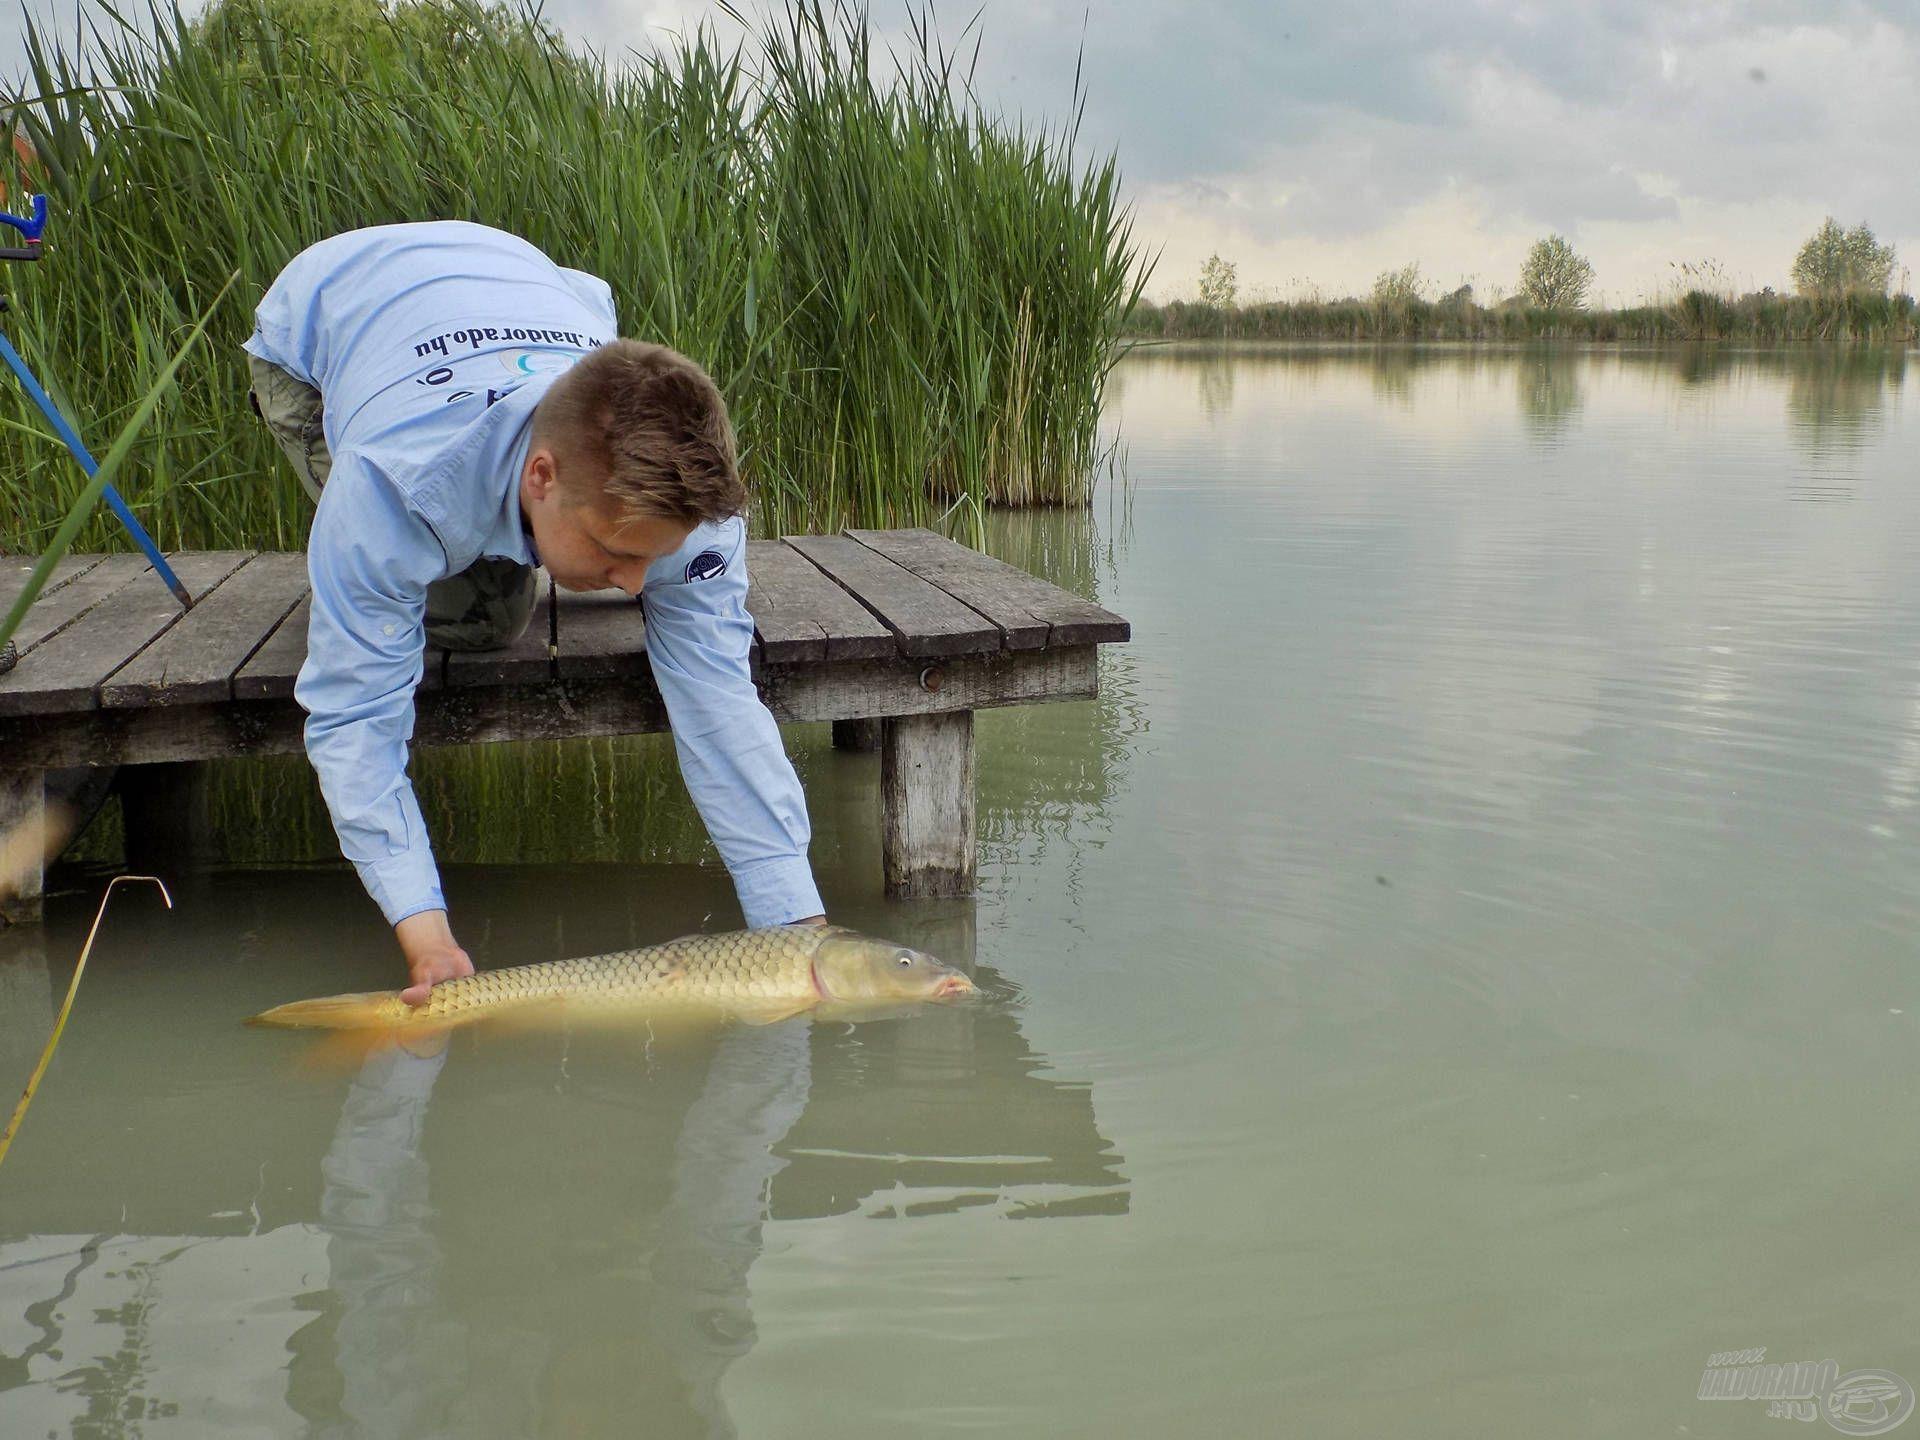 Minden fárasztás-szákolás-fényképezés ezzel a mozdulattal ért véget. A halak védelme nem kis felelősség, mindig várjuk meg, ameddig erőre kapnak kezeink között